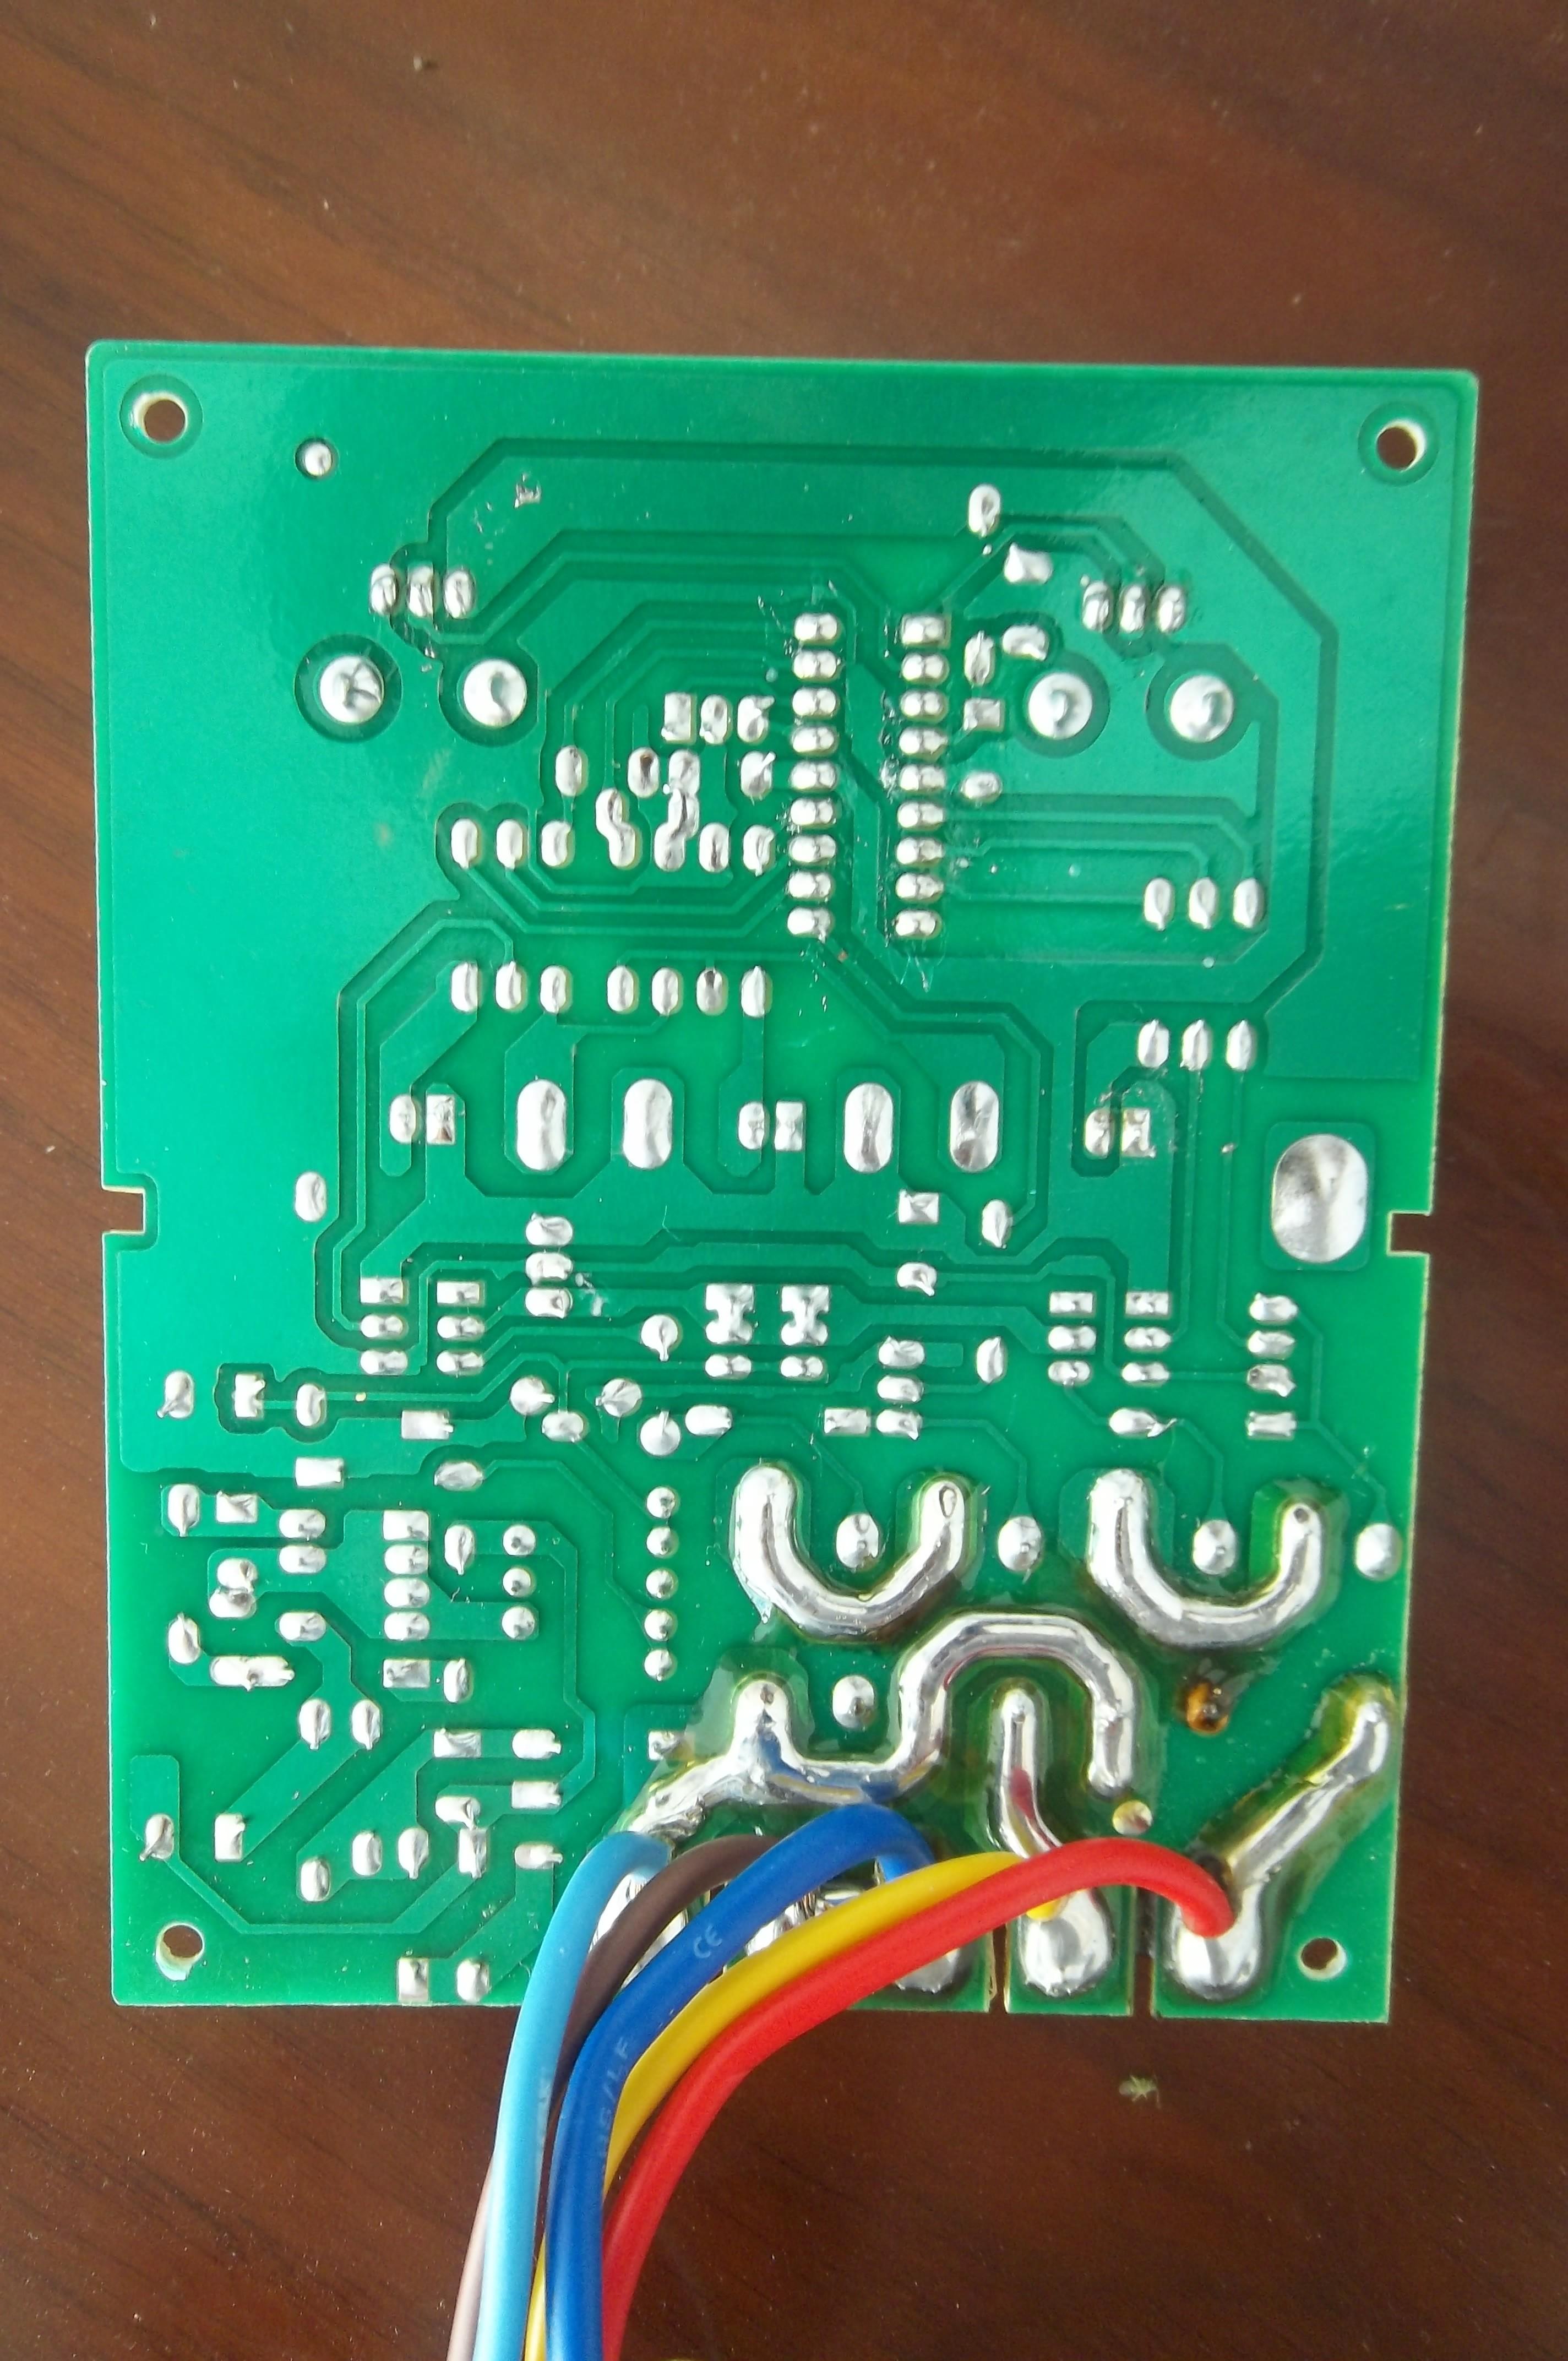 coreea de sud de încălzire termostatul încălzirea electrică de încălzire electrice de termostat regulatoare de temperatură.